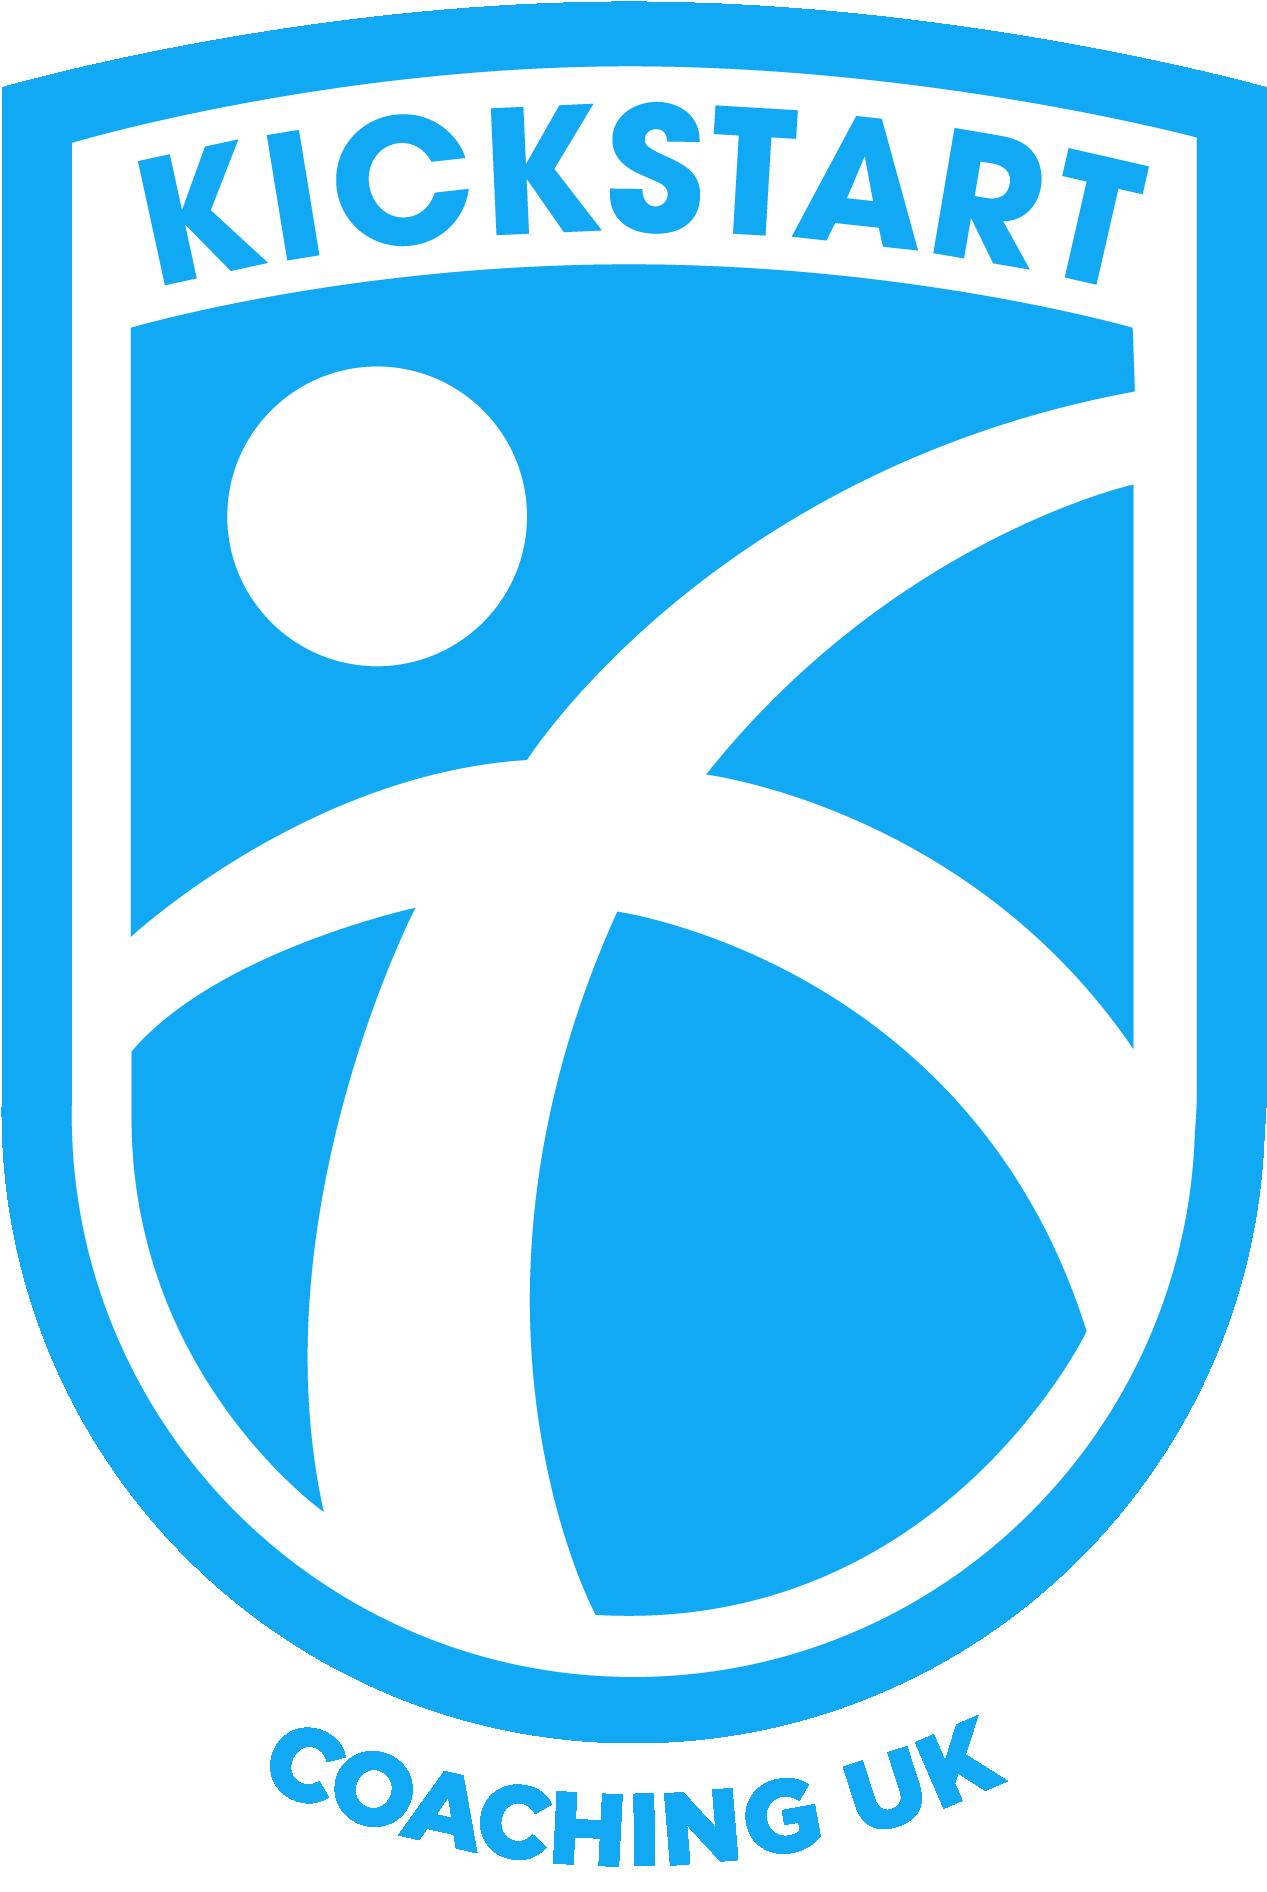 ks-logo-shield-and-text-500px